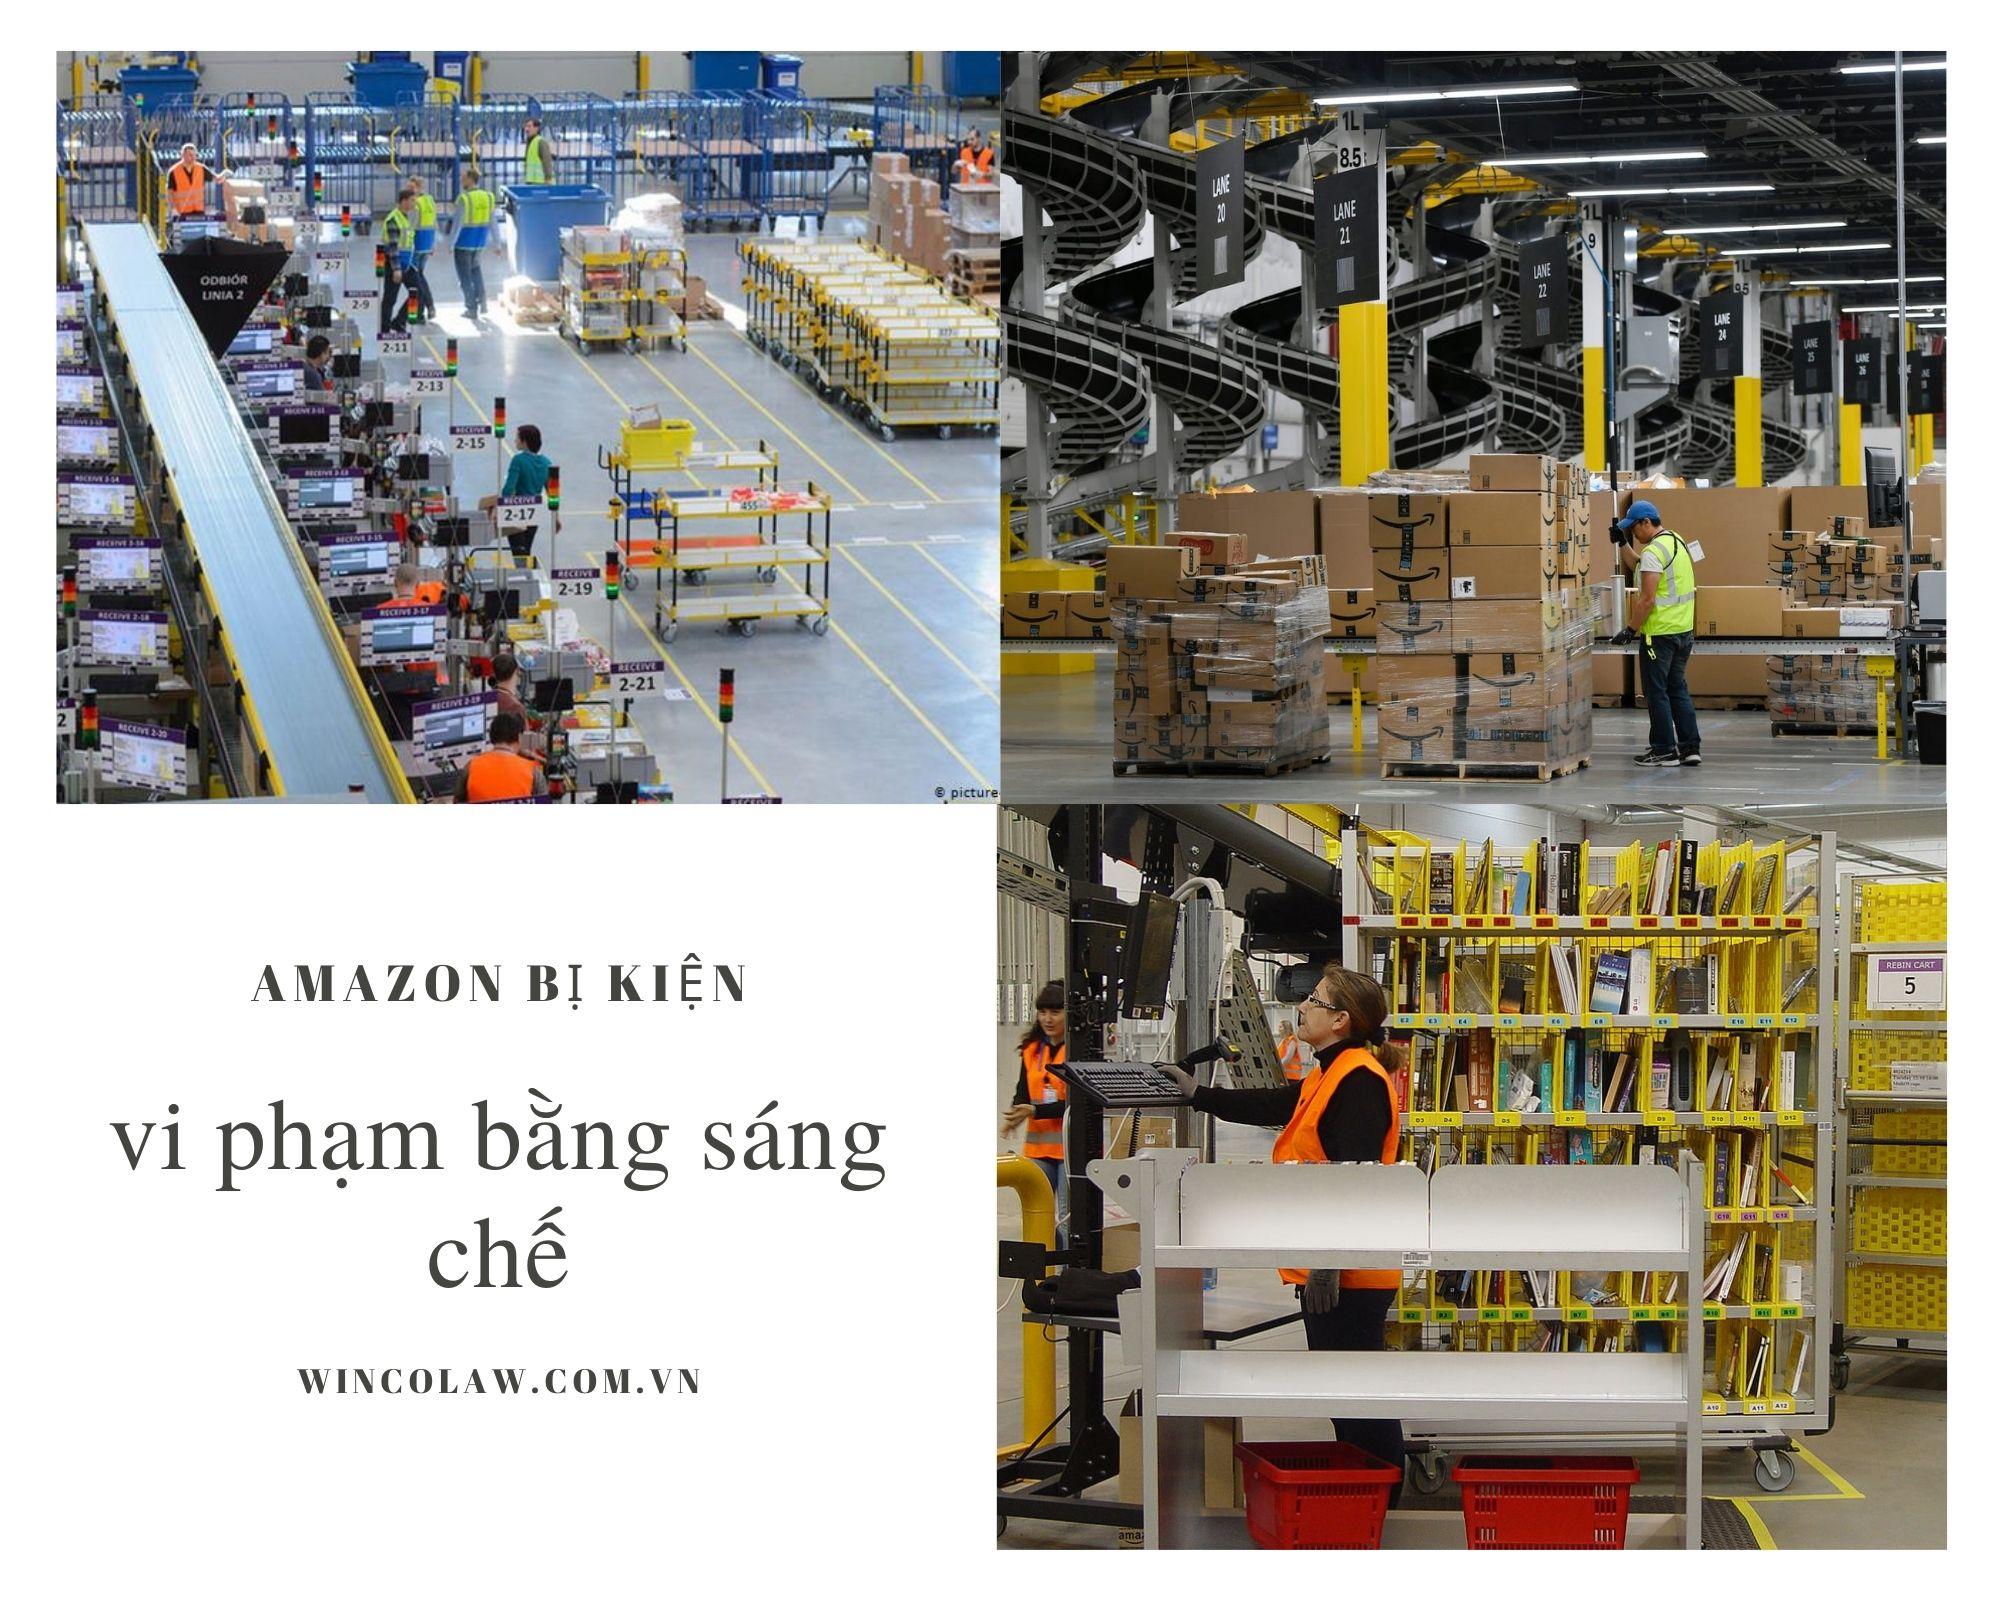 Amazon nằm trong số nhiều công ty bị kiện vì vấn đề vi phạm bằng sáng chế